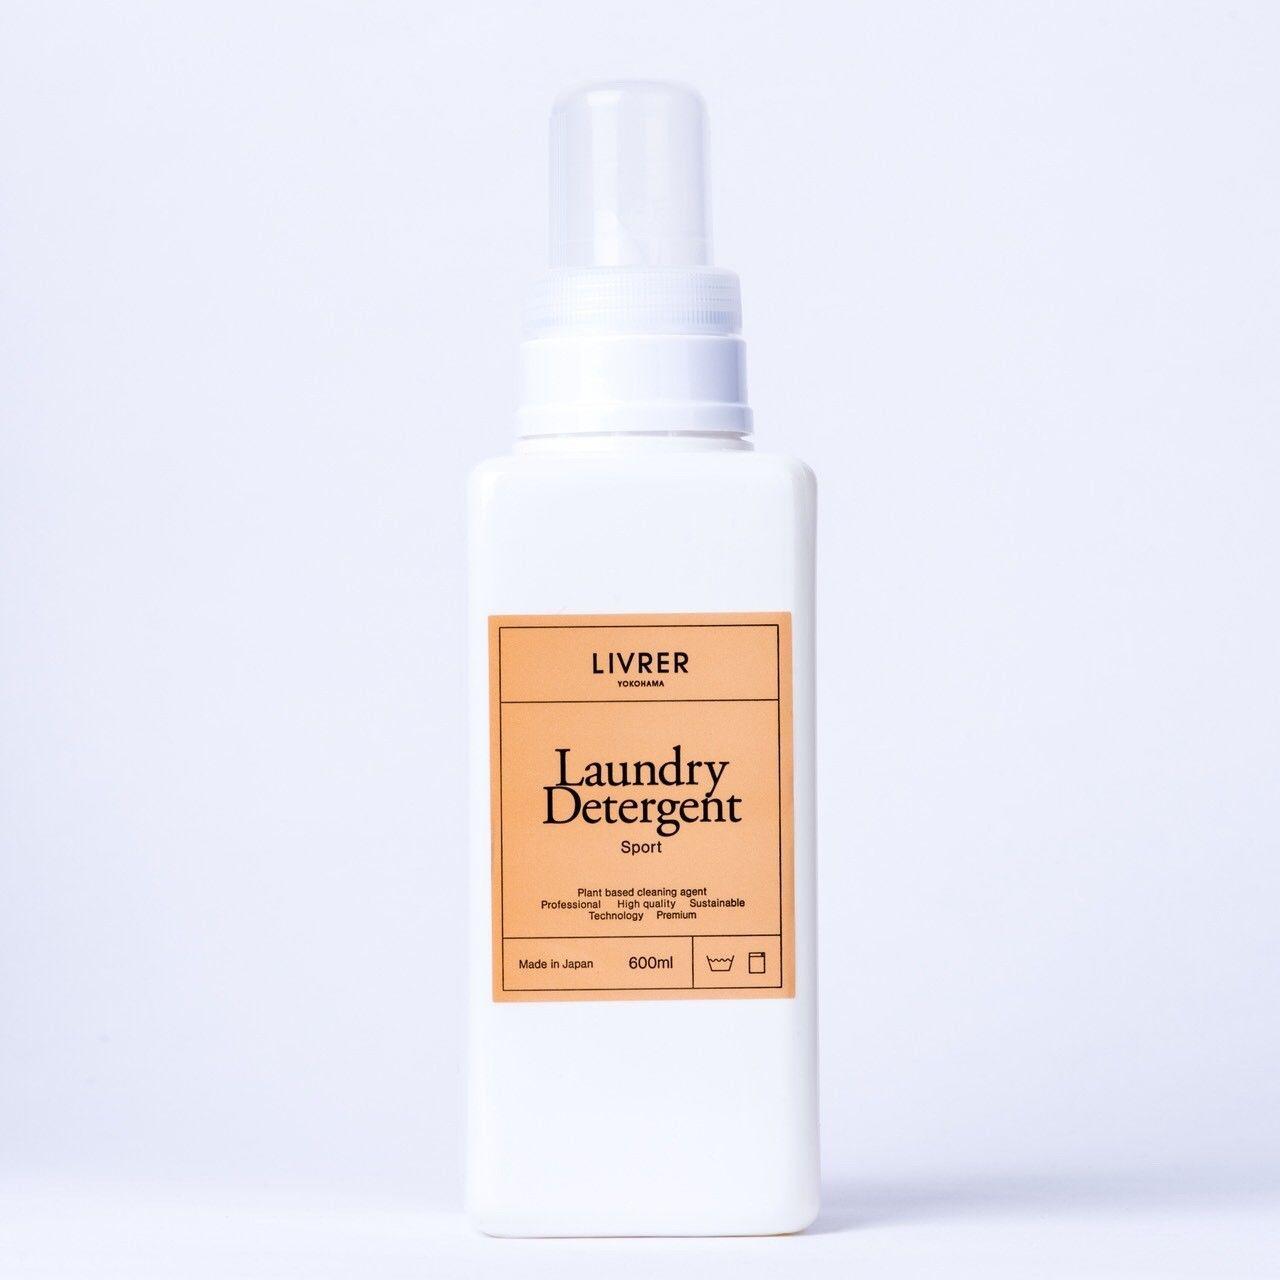 洗濯用洗剤 スポーツ専用/Landry Detergent ?Sport